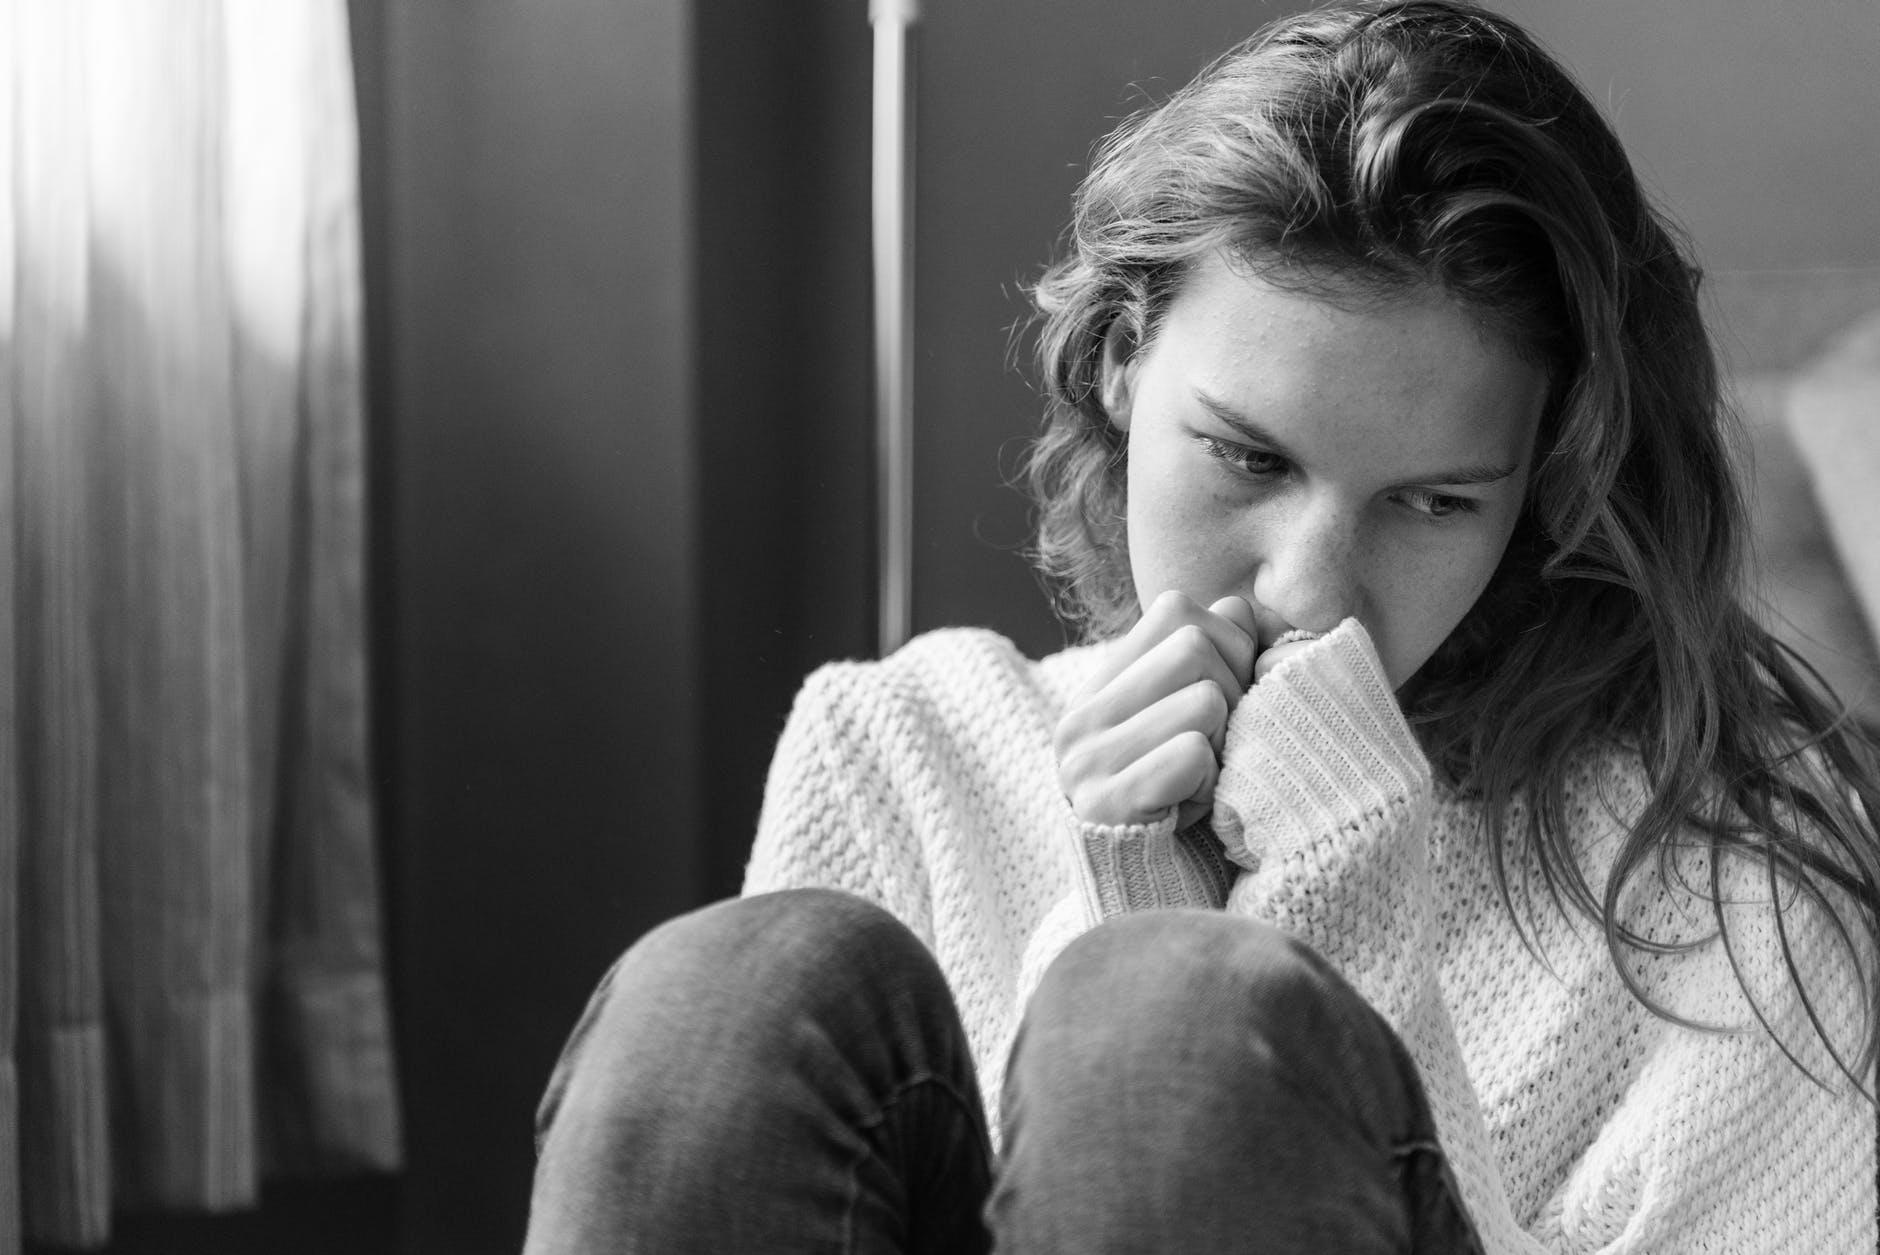 7 อาการโรคกระเพราะปัสสาวะอักเสบ เฝ้าระวัง